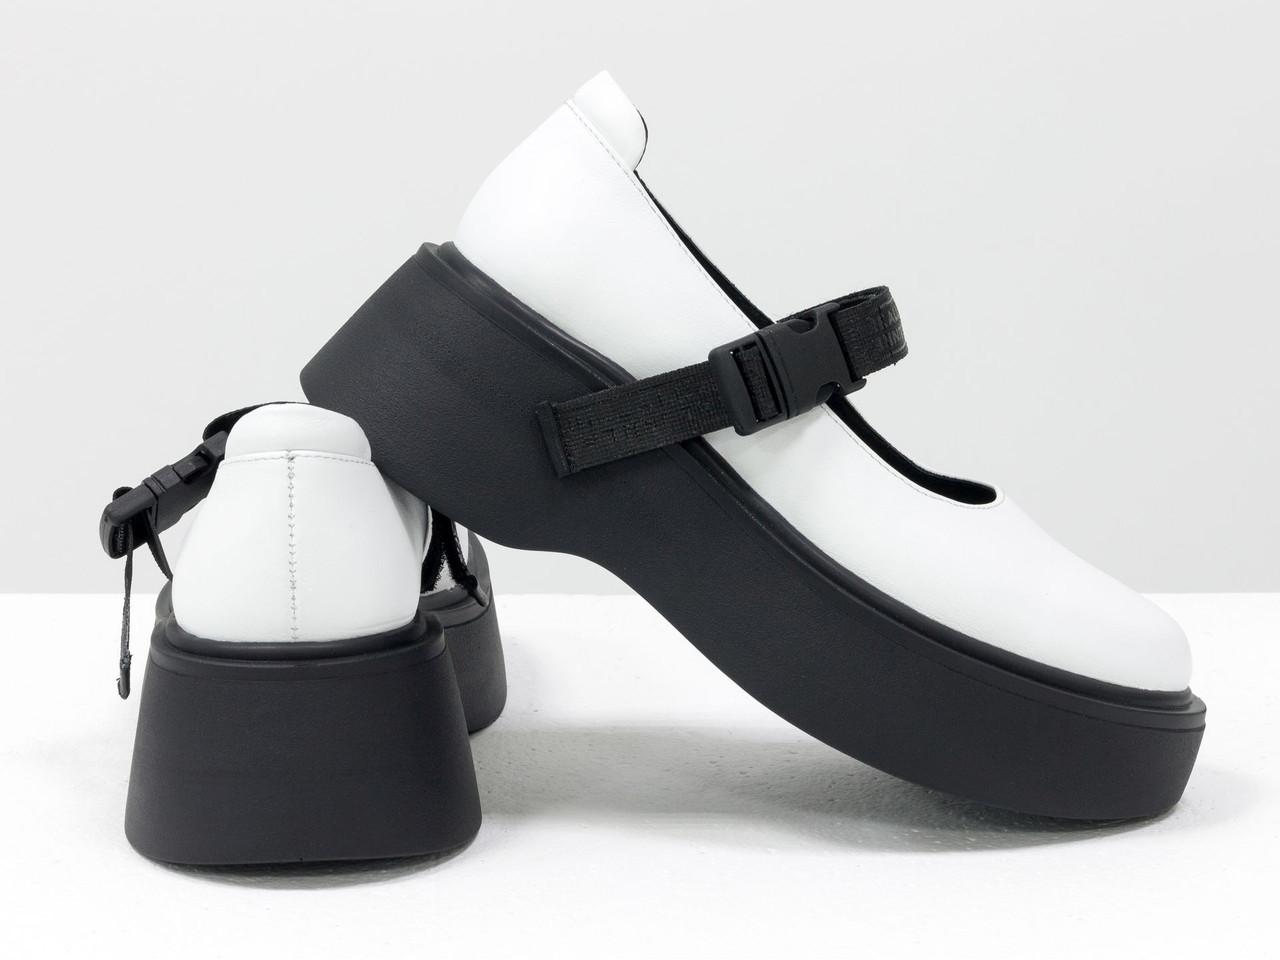 Кожаные туфли - сандалеты белого цвета в легком спортивном стиле, на черной платформе и с эластичным ремешком